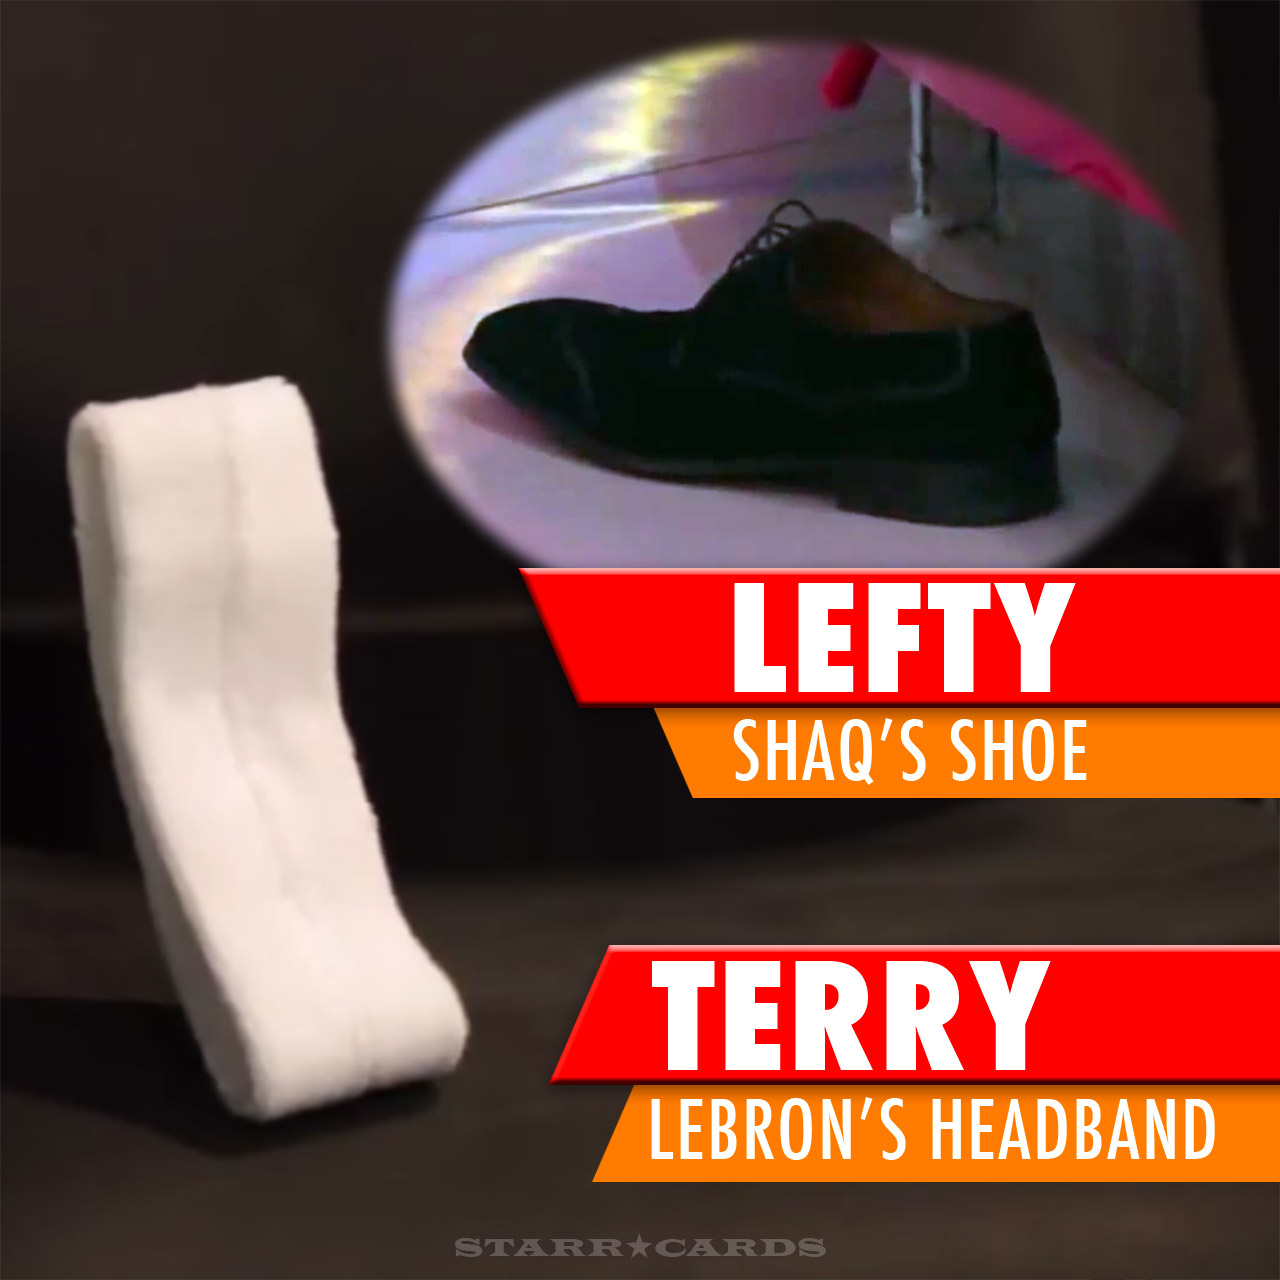 LeBron's headband and Shaq's shoe